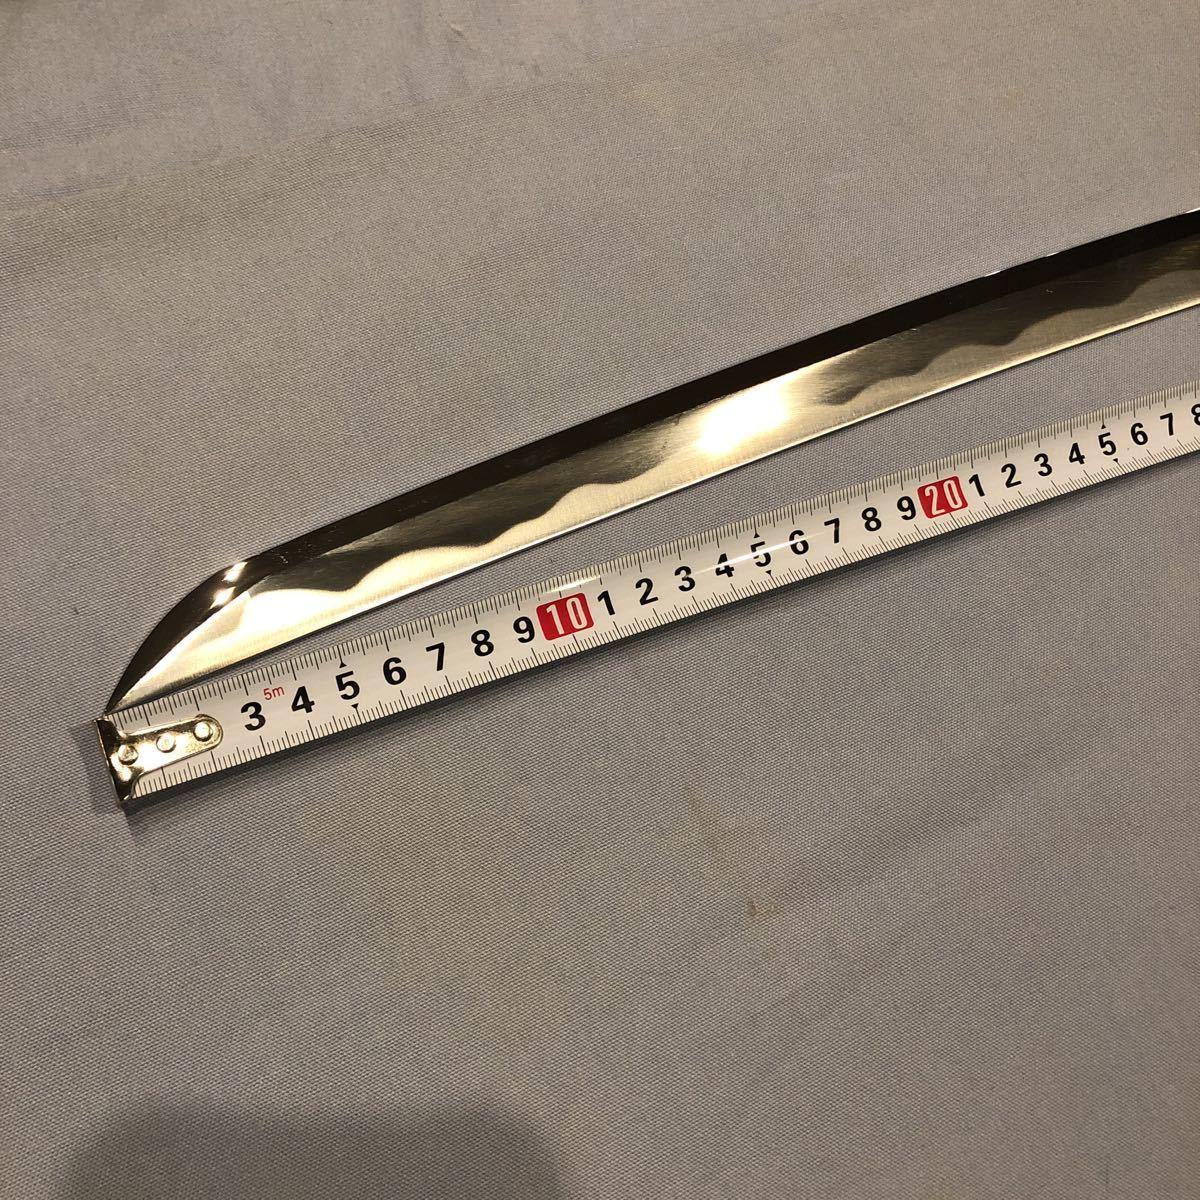 逆刃刀 模造刀 刀身のみ 金型 亜鉛合金 全長900 刃渡り700 反り約20 660グラム_画像1